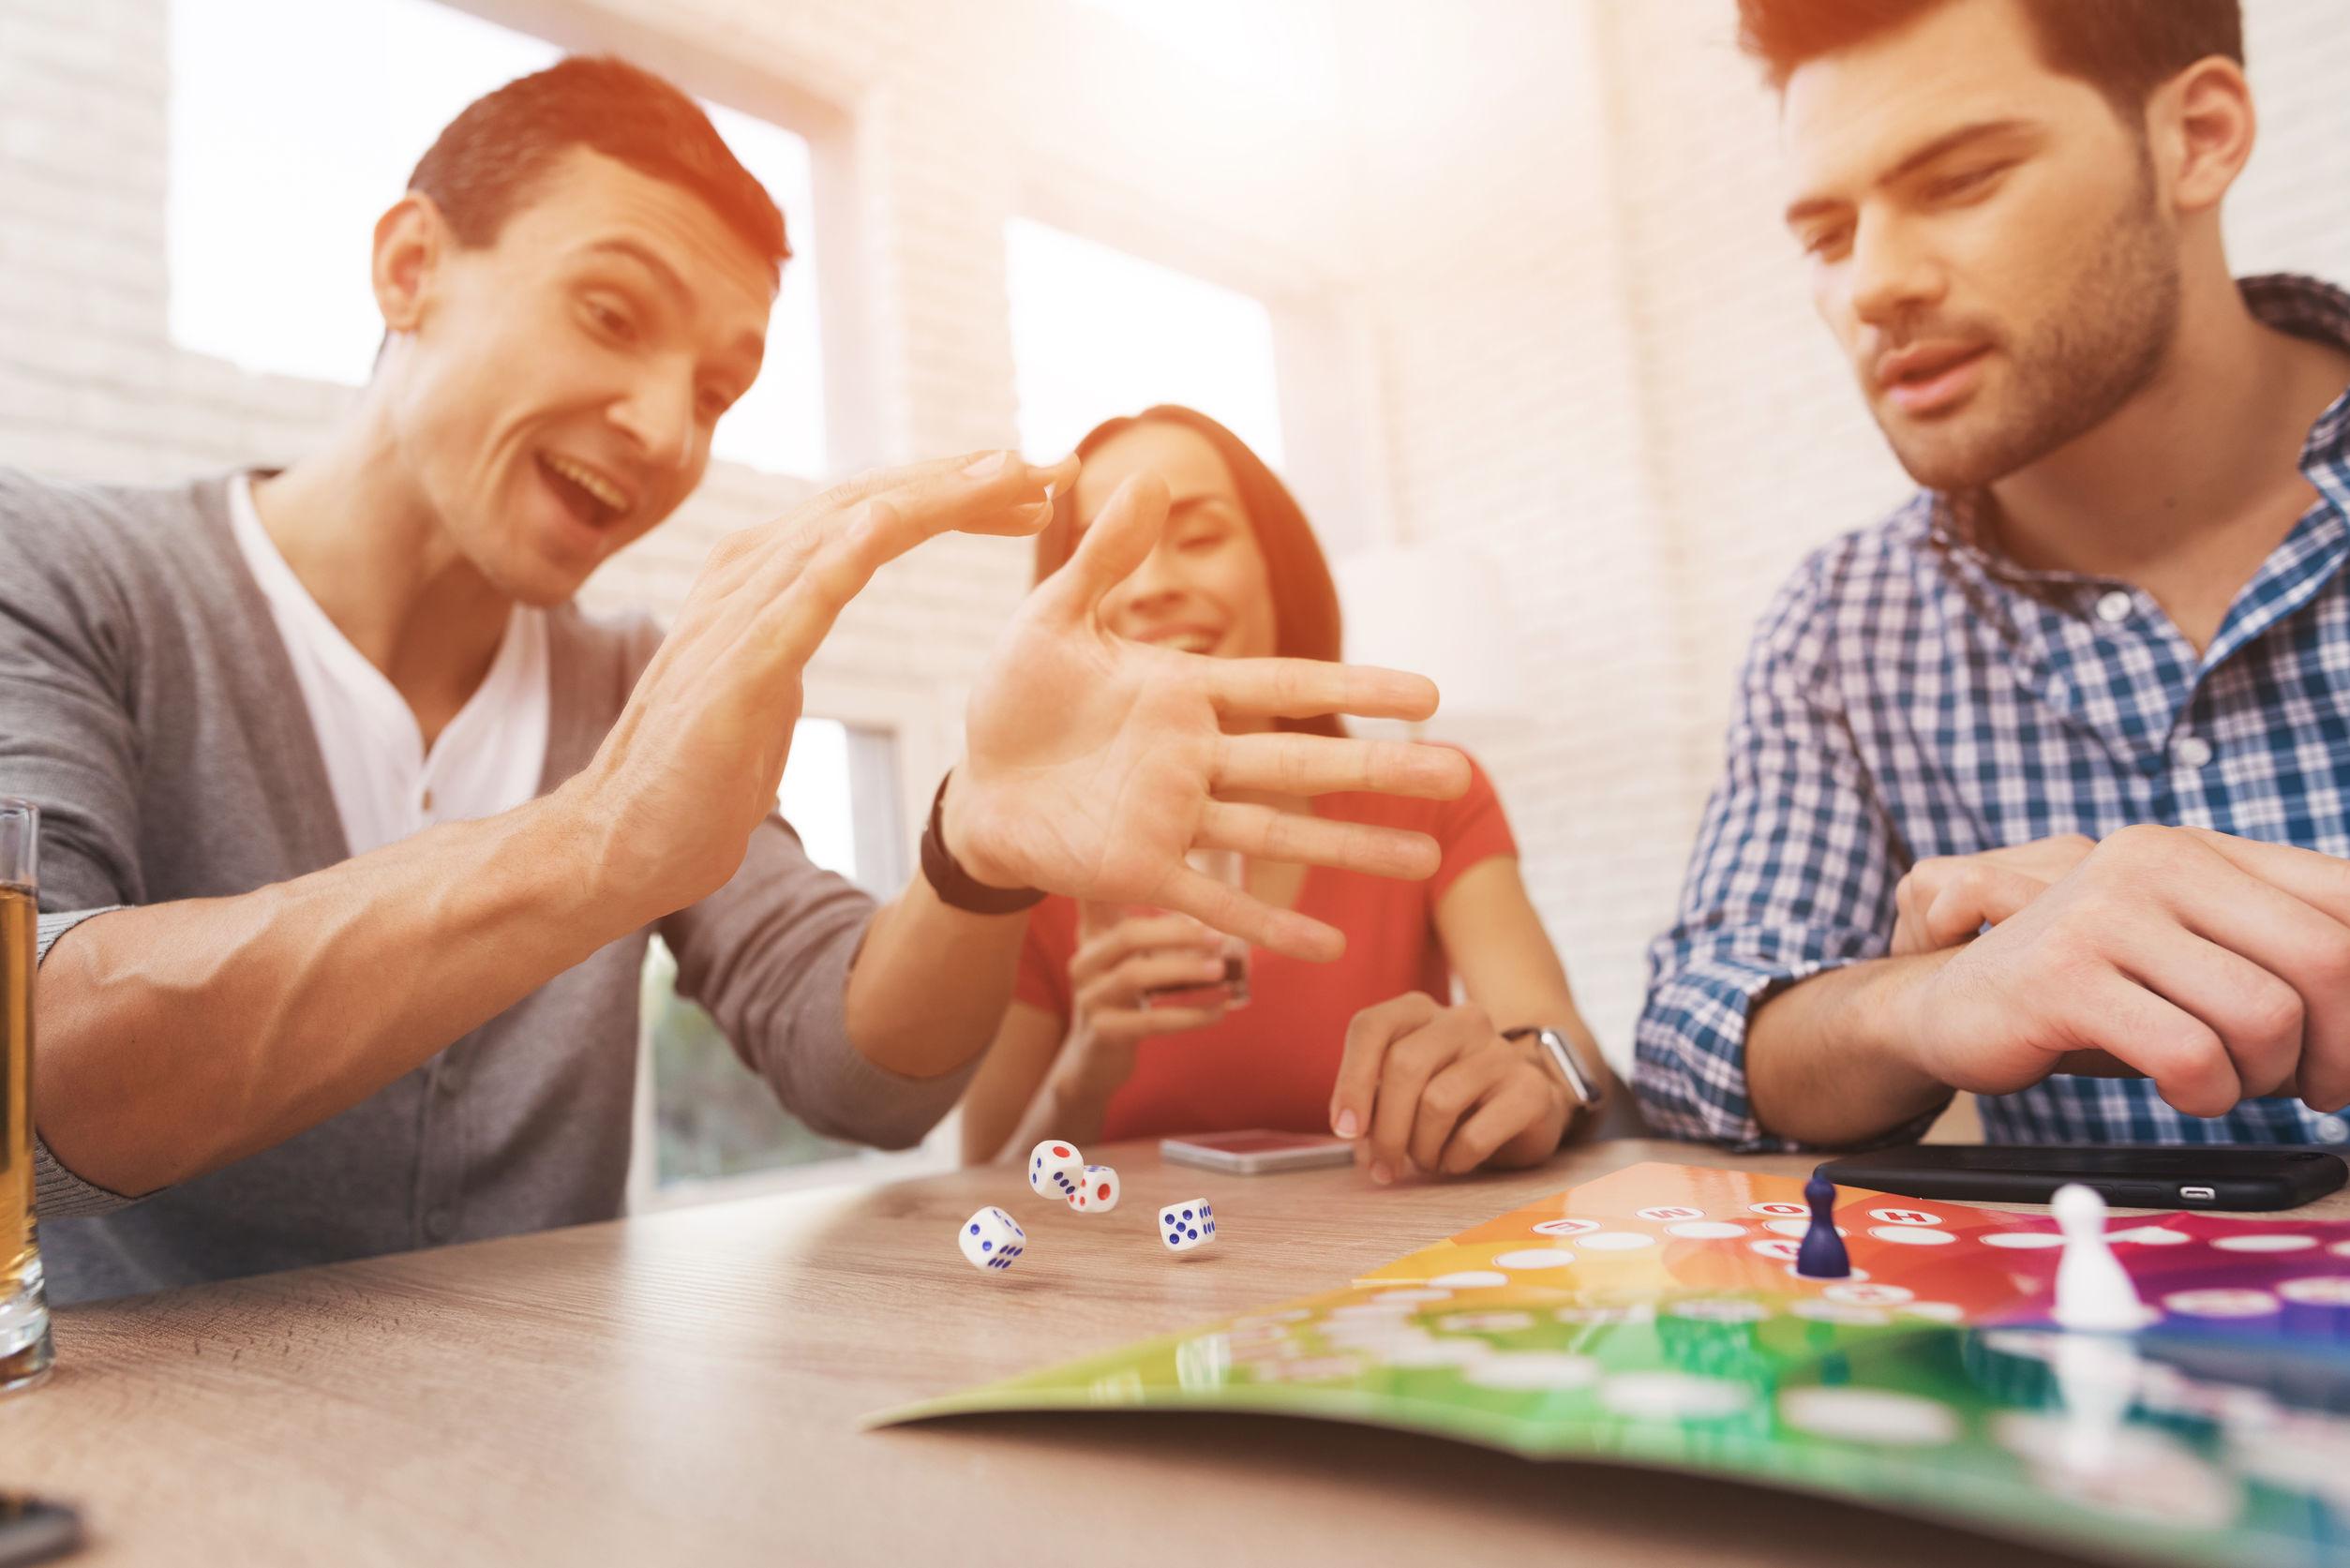 Juegos de mesa para adultos: ¿Cuál es el mejor del 2021?